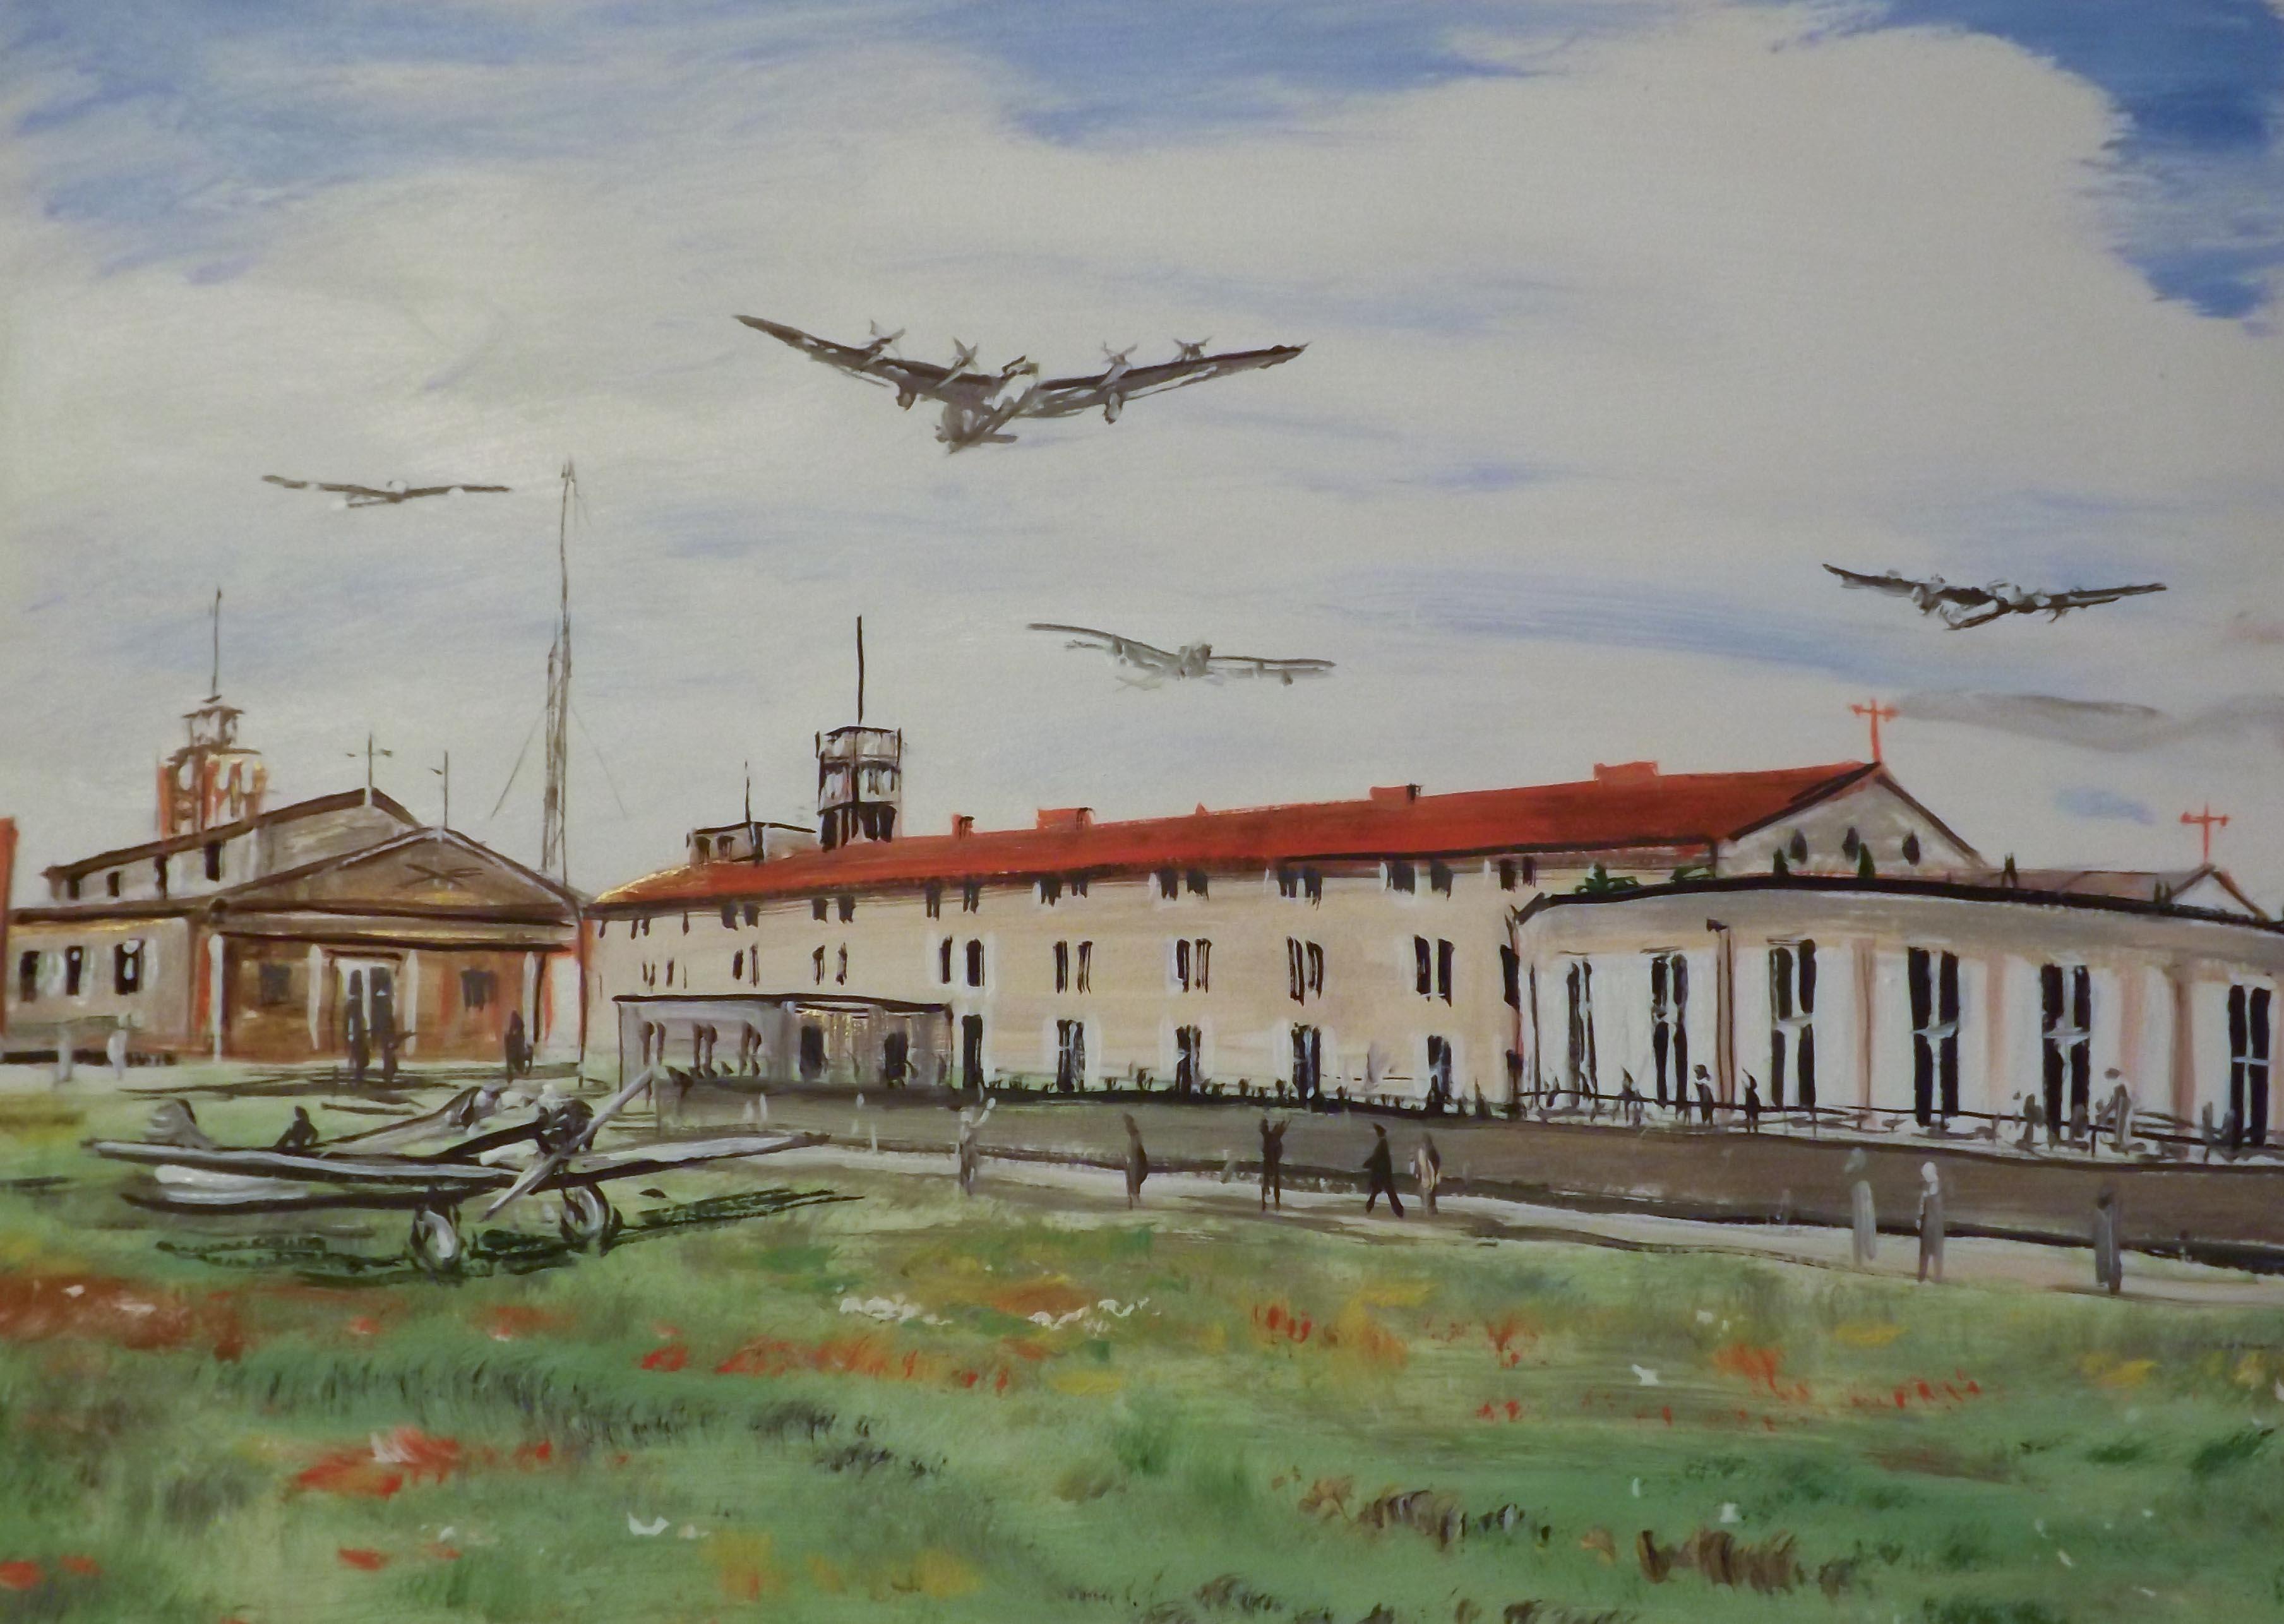 https://peter-natusch.de/wp-content/uploads/2018/01/Breslau-Flughafen.jpg